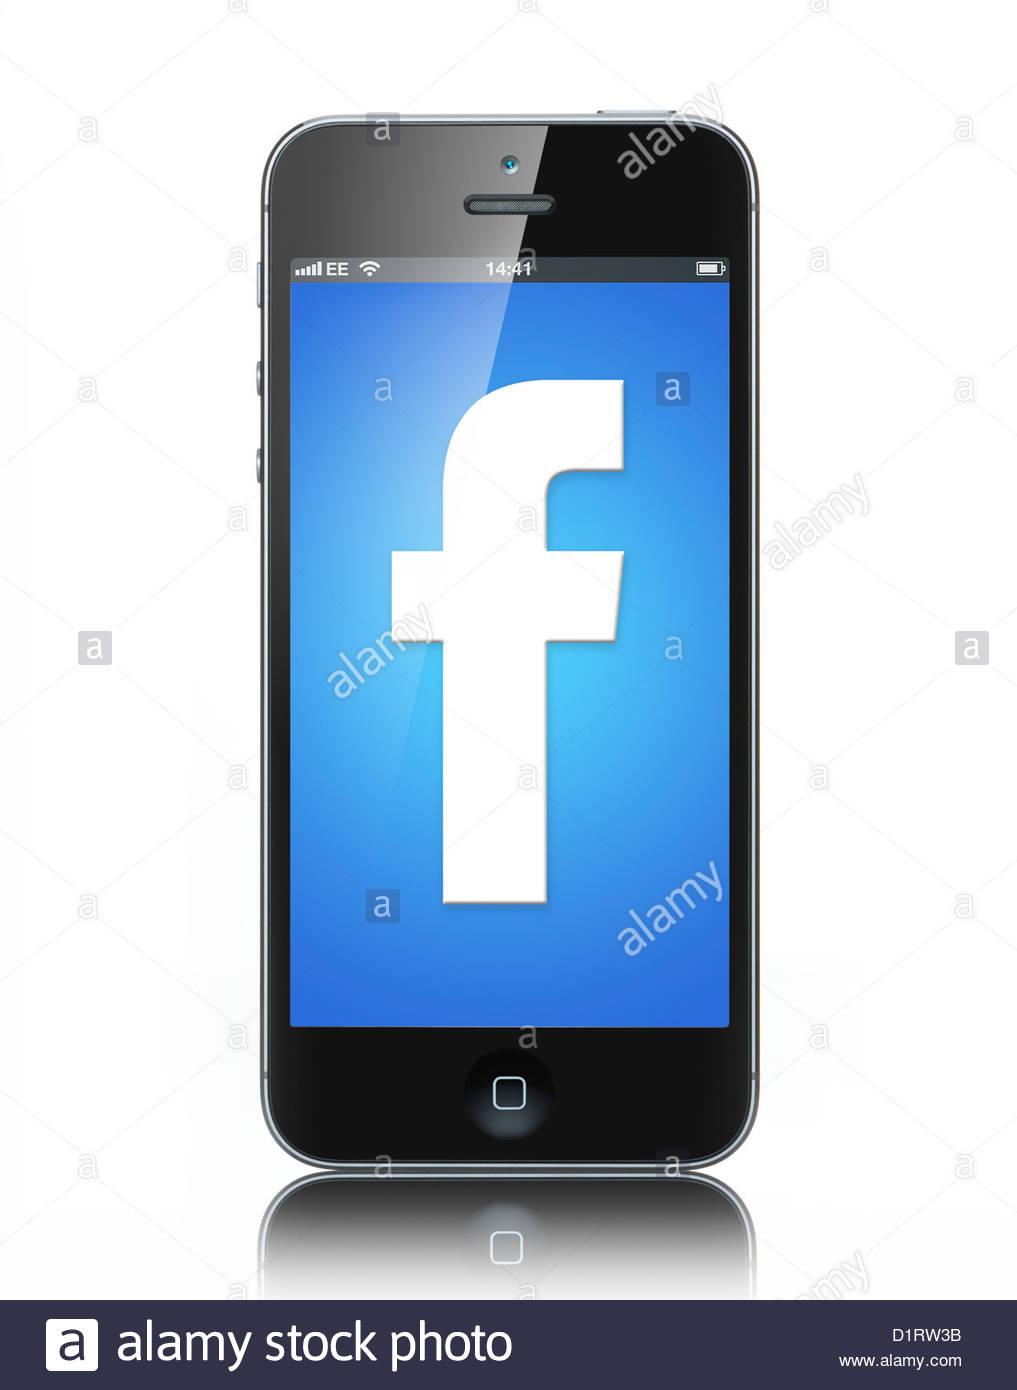 L'iphone 5 avec Facebook sur son écran Photo Stock